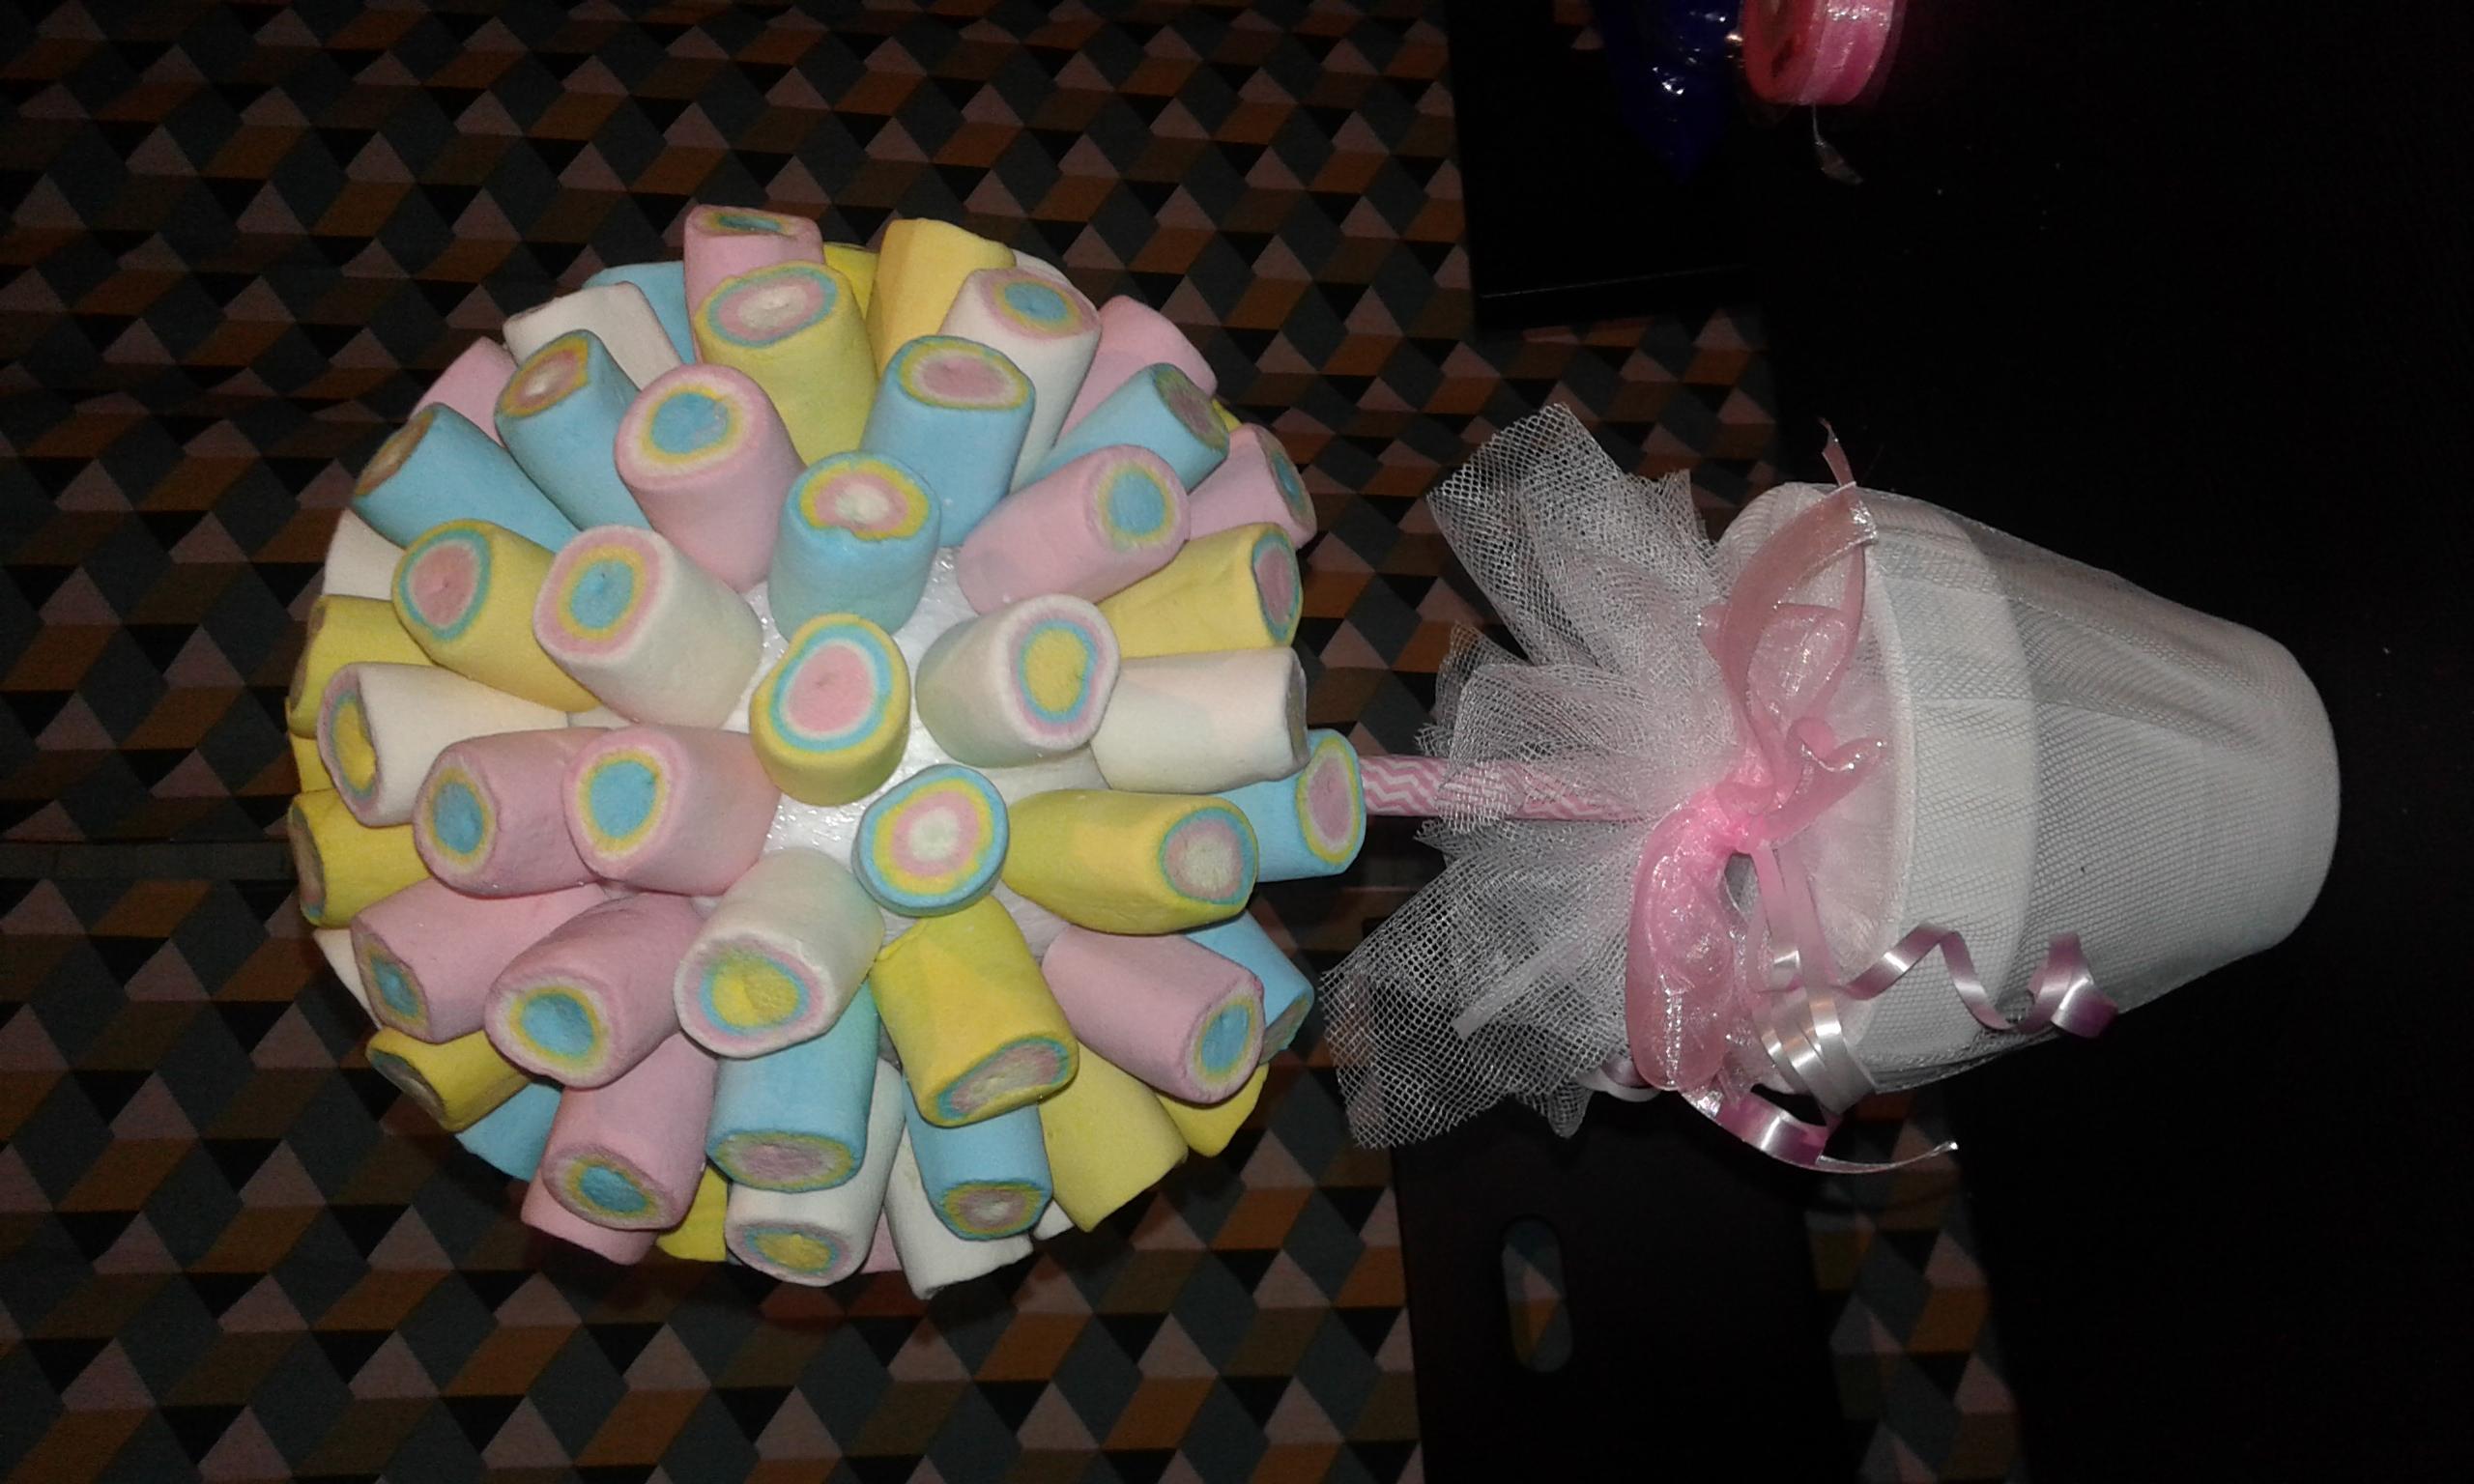 regalos-originales-cumpleaños-infantiles-la-fiesta-de-lola-malaga